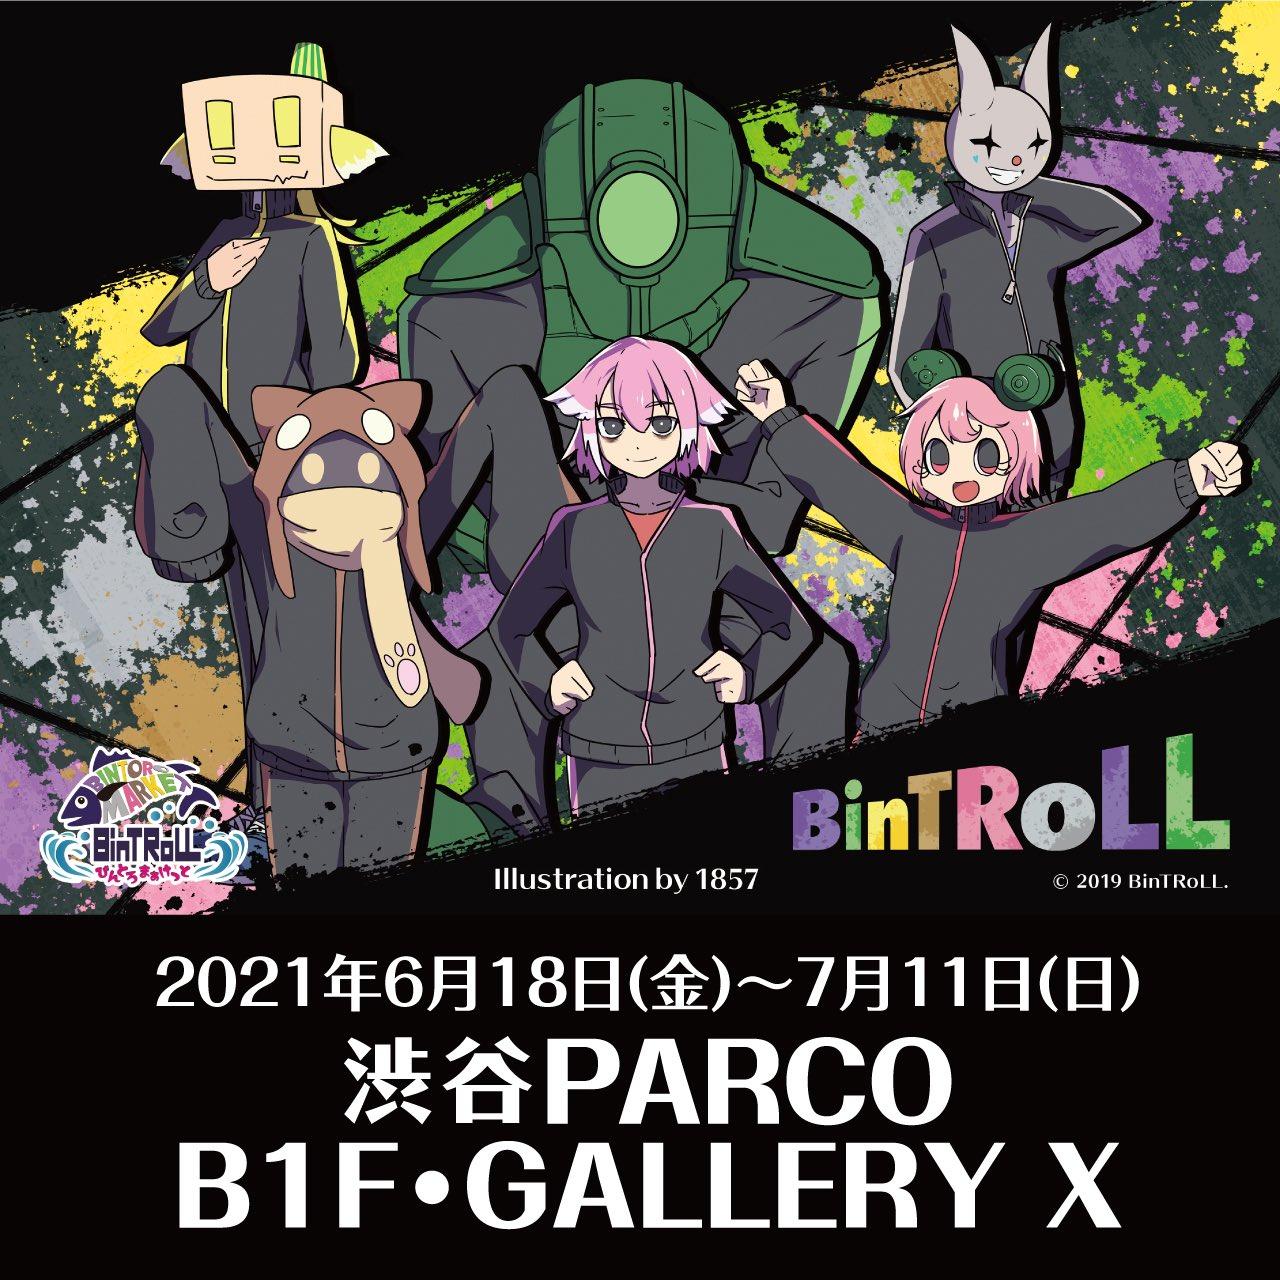 6/28(月)入場予約チケット(先着・無料) BinTRoLL『びんとろまぁけっと』in 渋谷PARCO